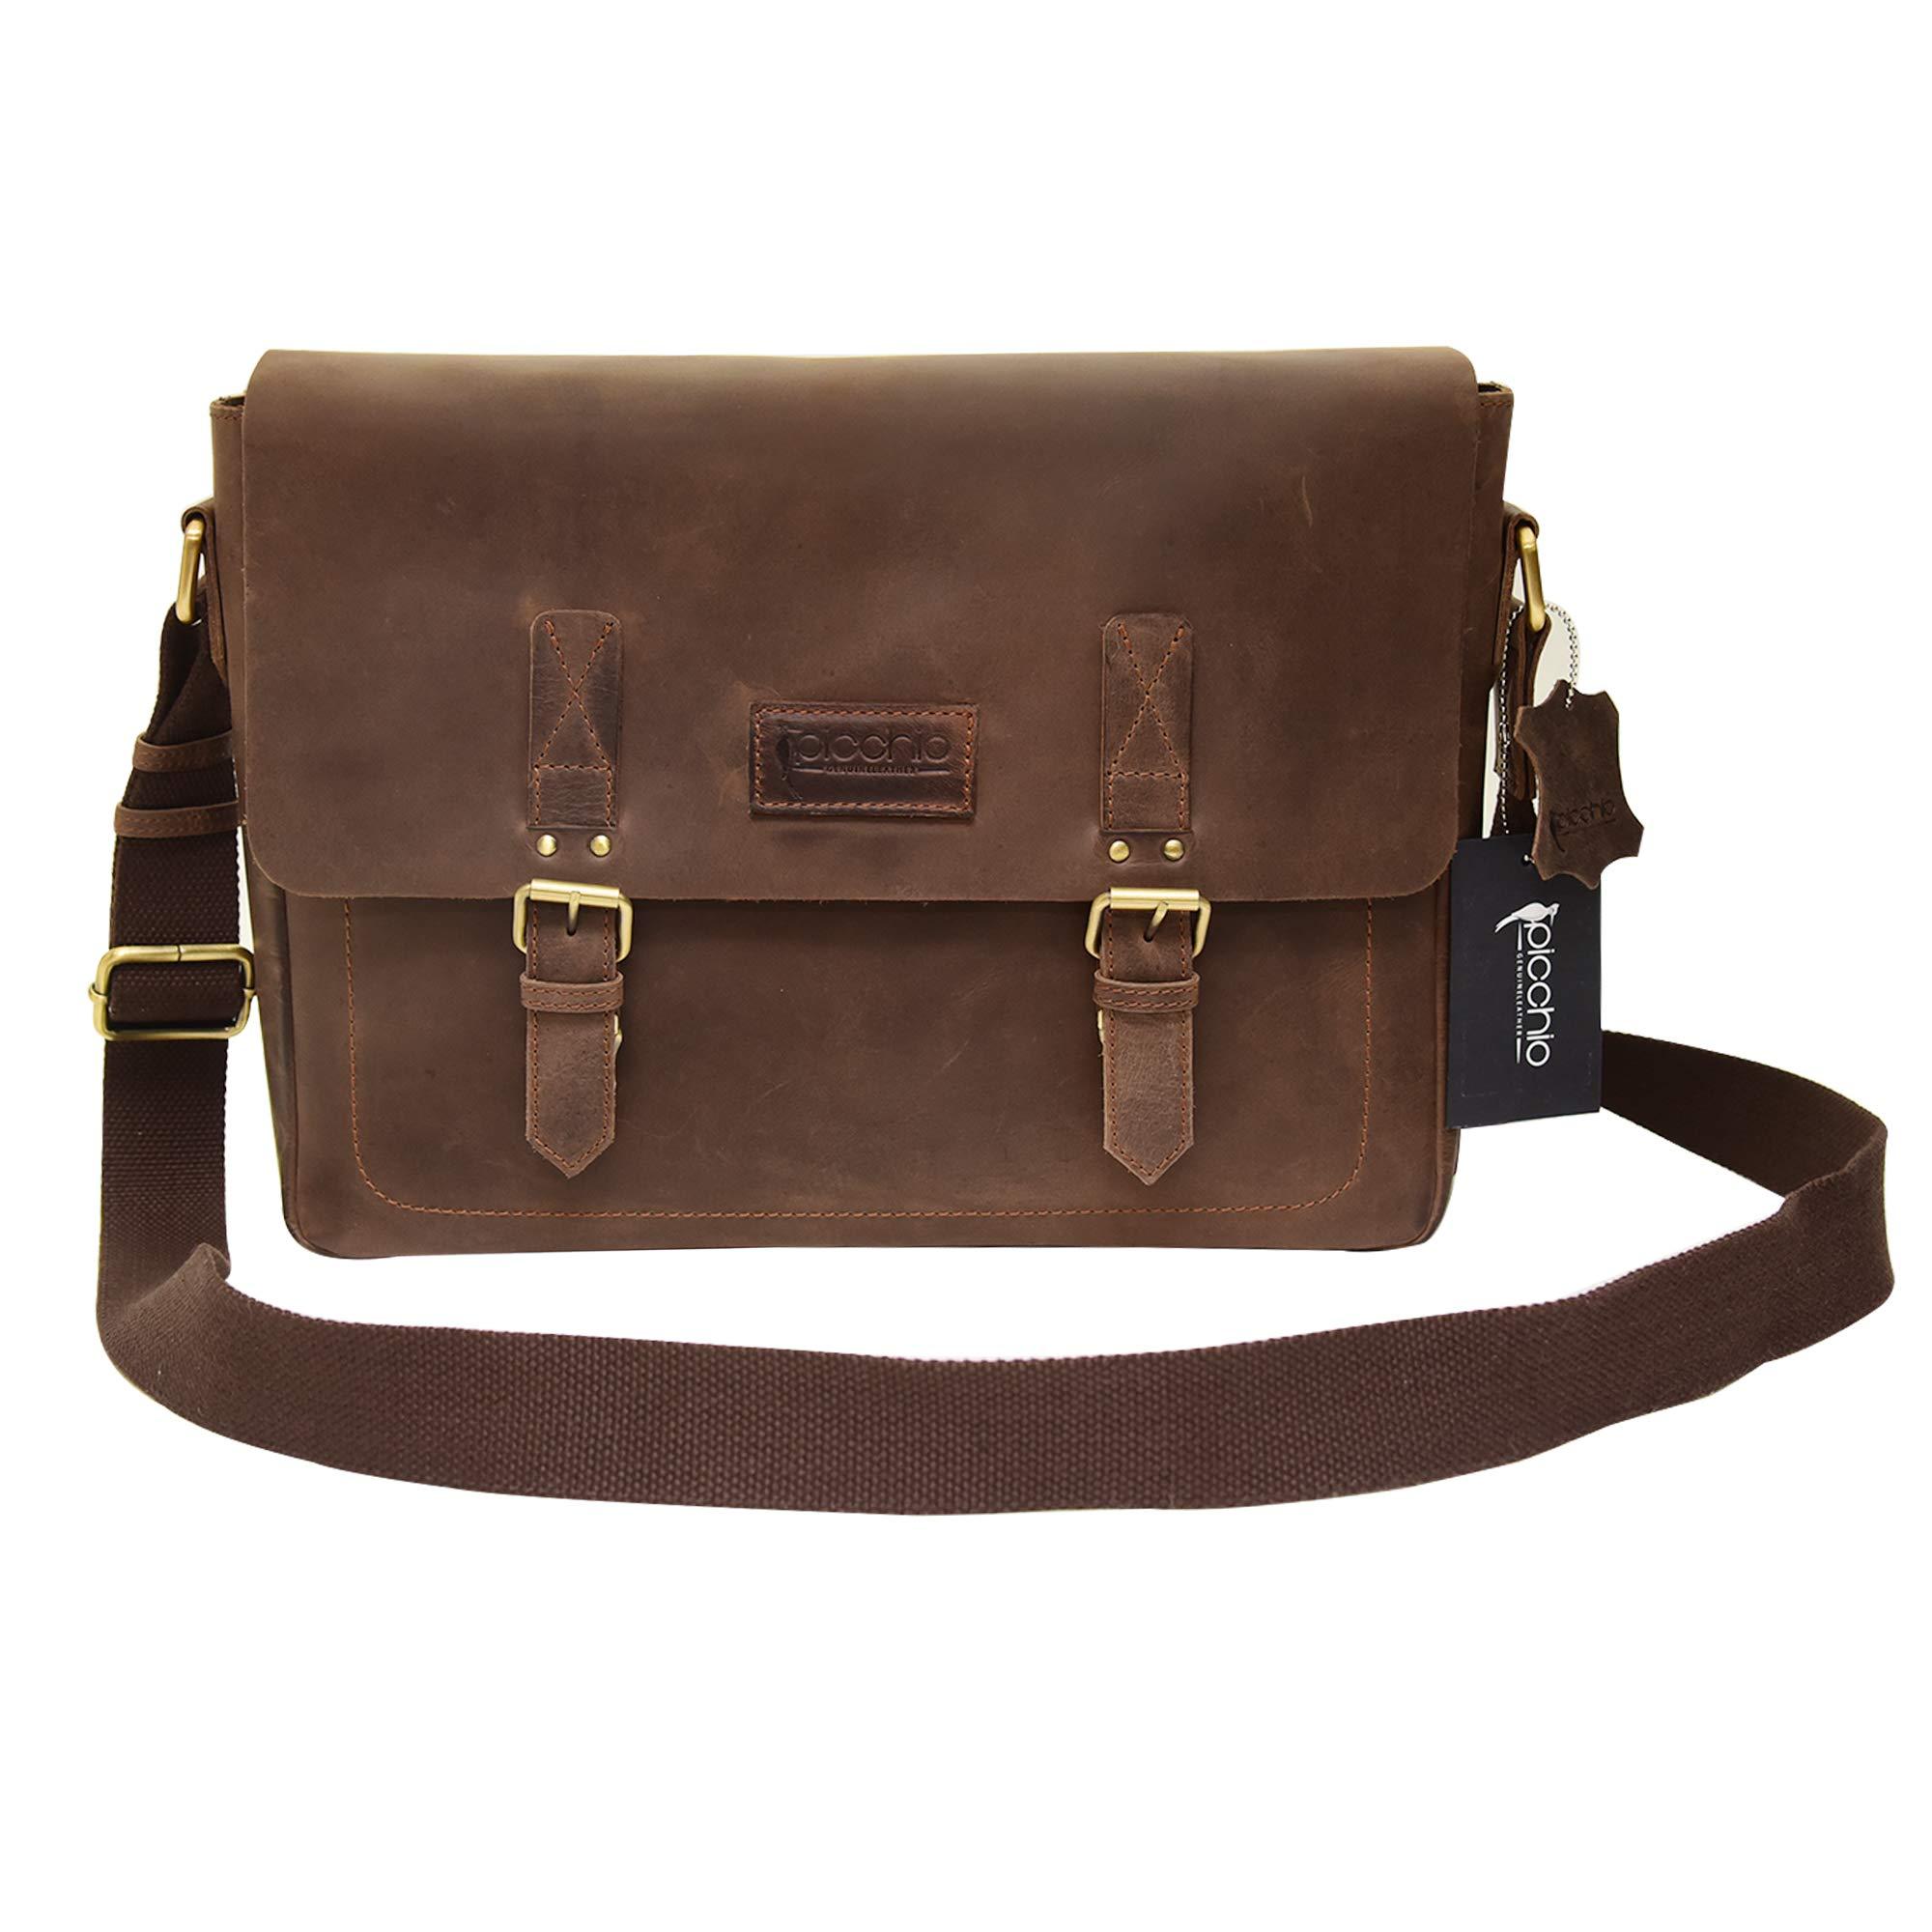 Picchio Men's Genuine Brown Leather 14'' Laptop Bag, Satchel Bag, Messenger Shoulder Bag